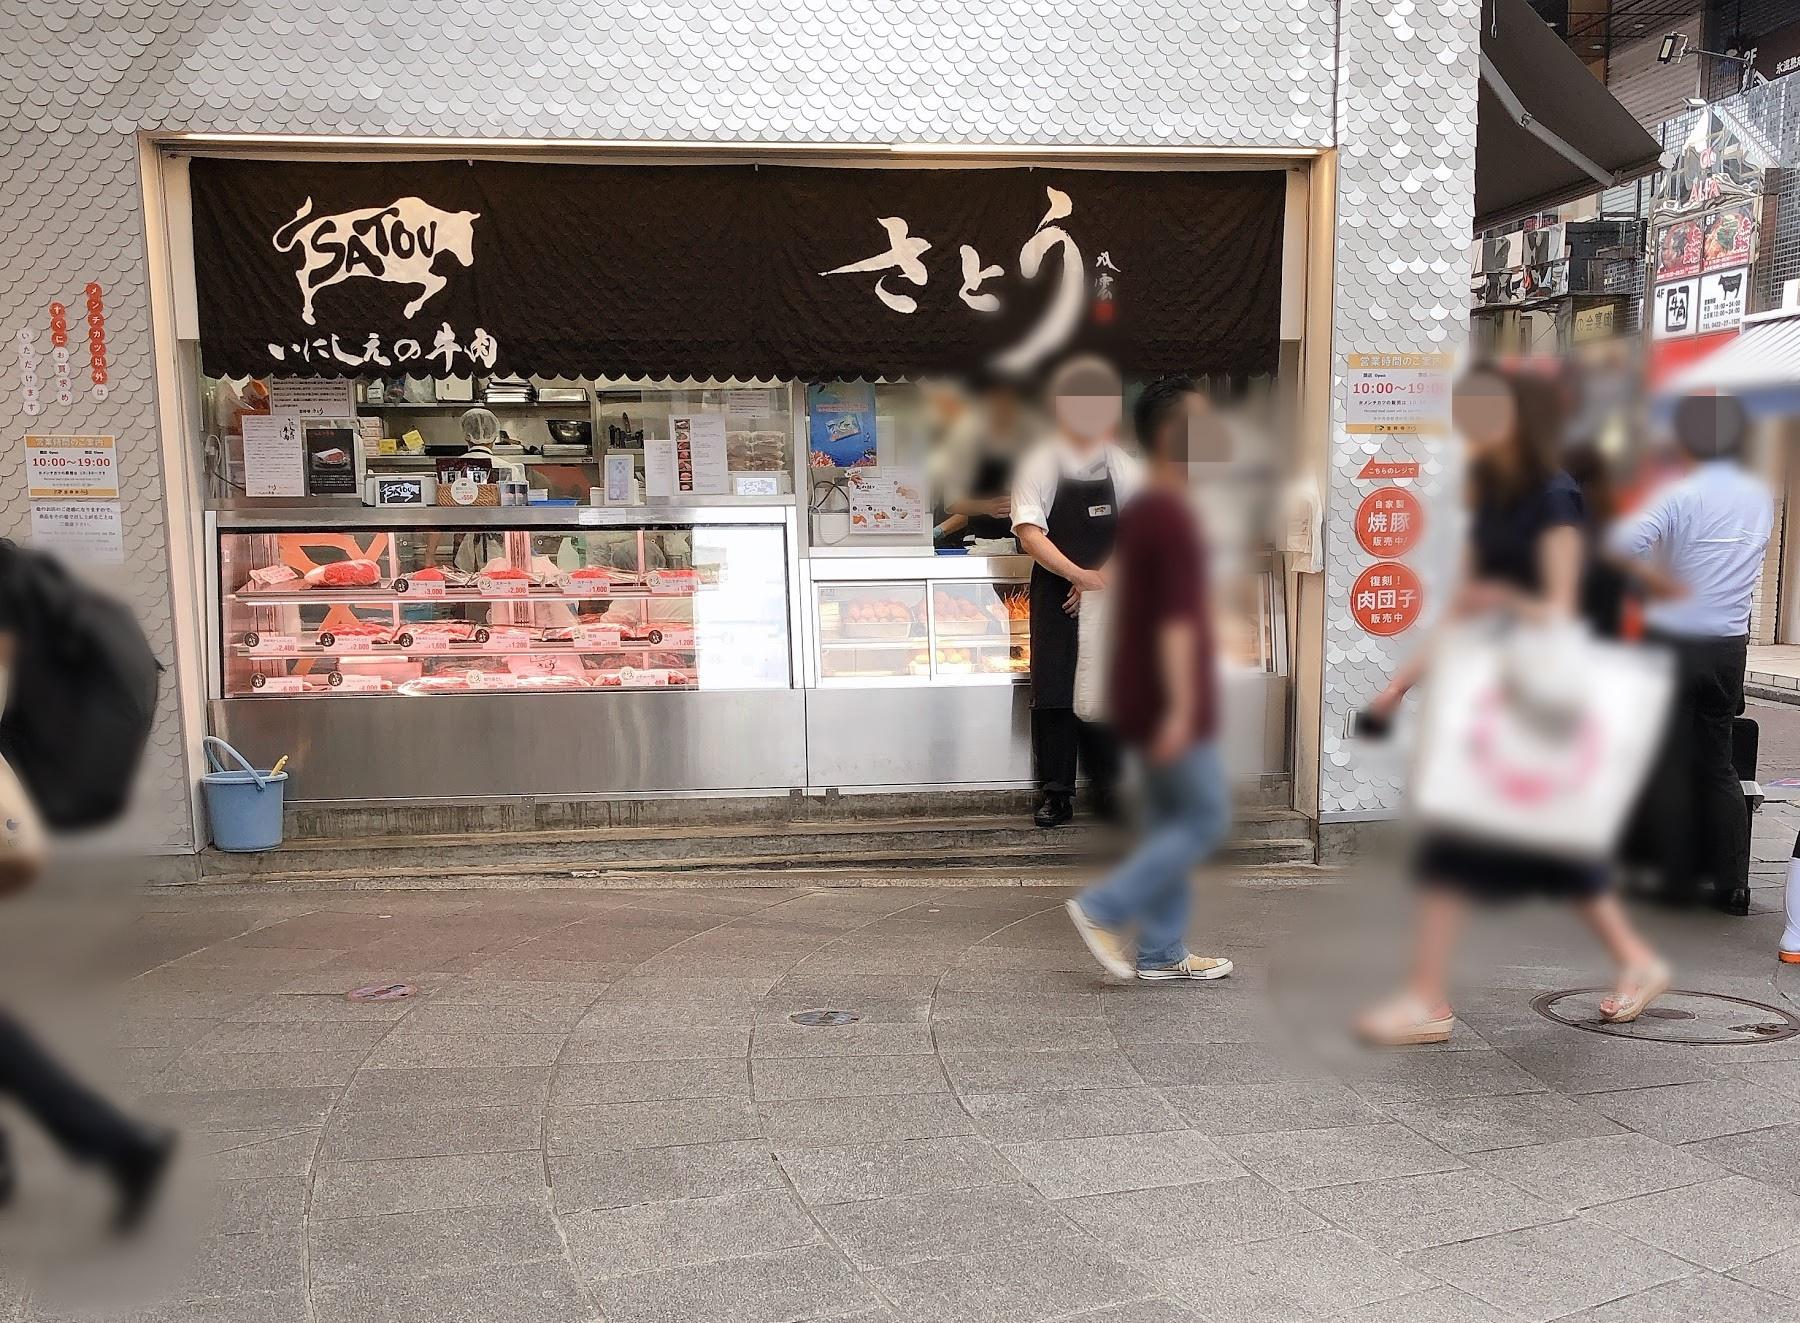 メンチカツで行列の吉祥寺さとうでコロッケとチャーシューを買ってみた。